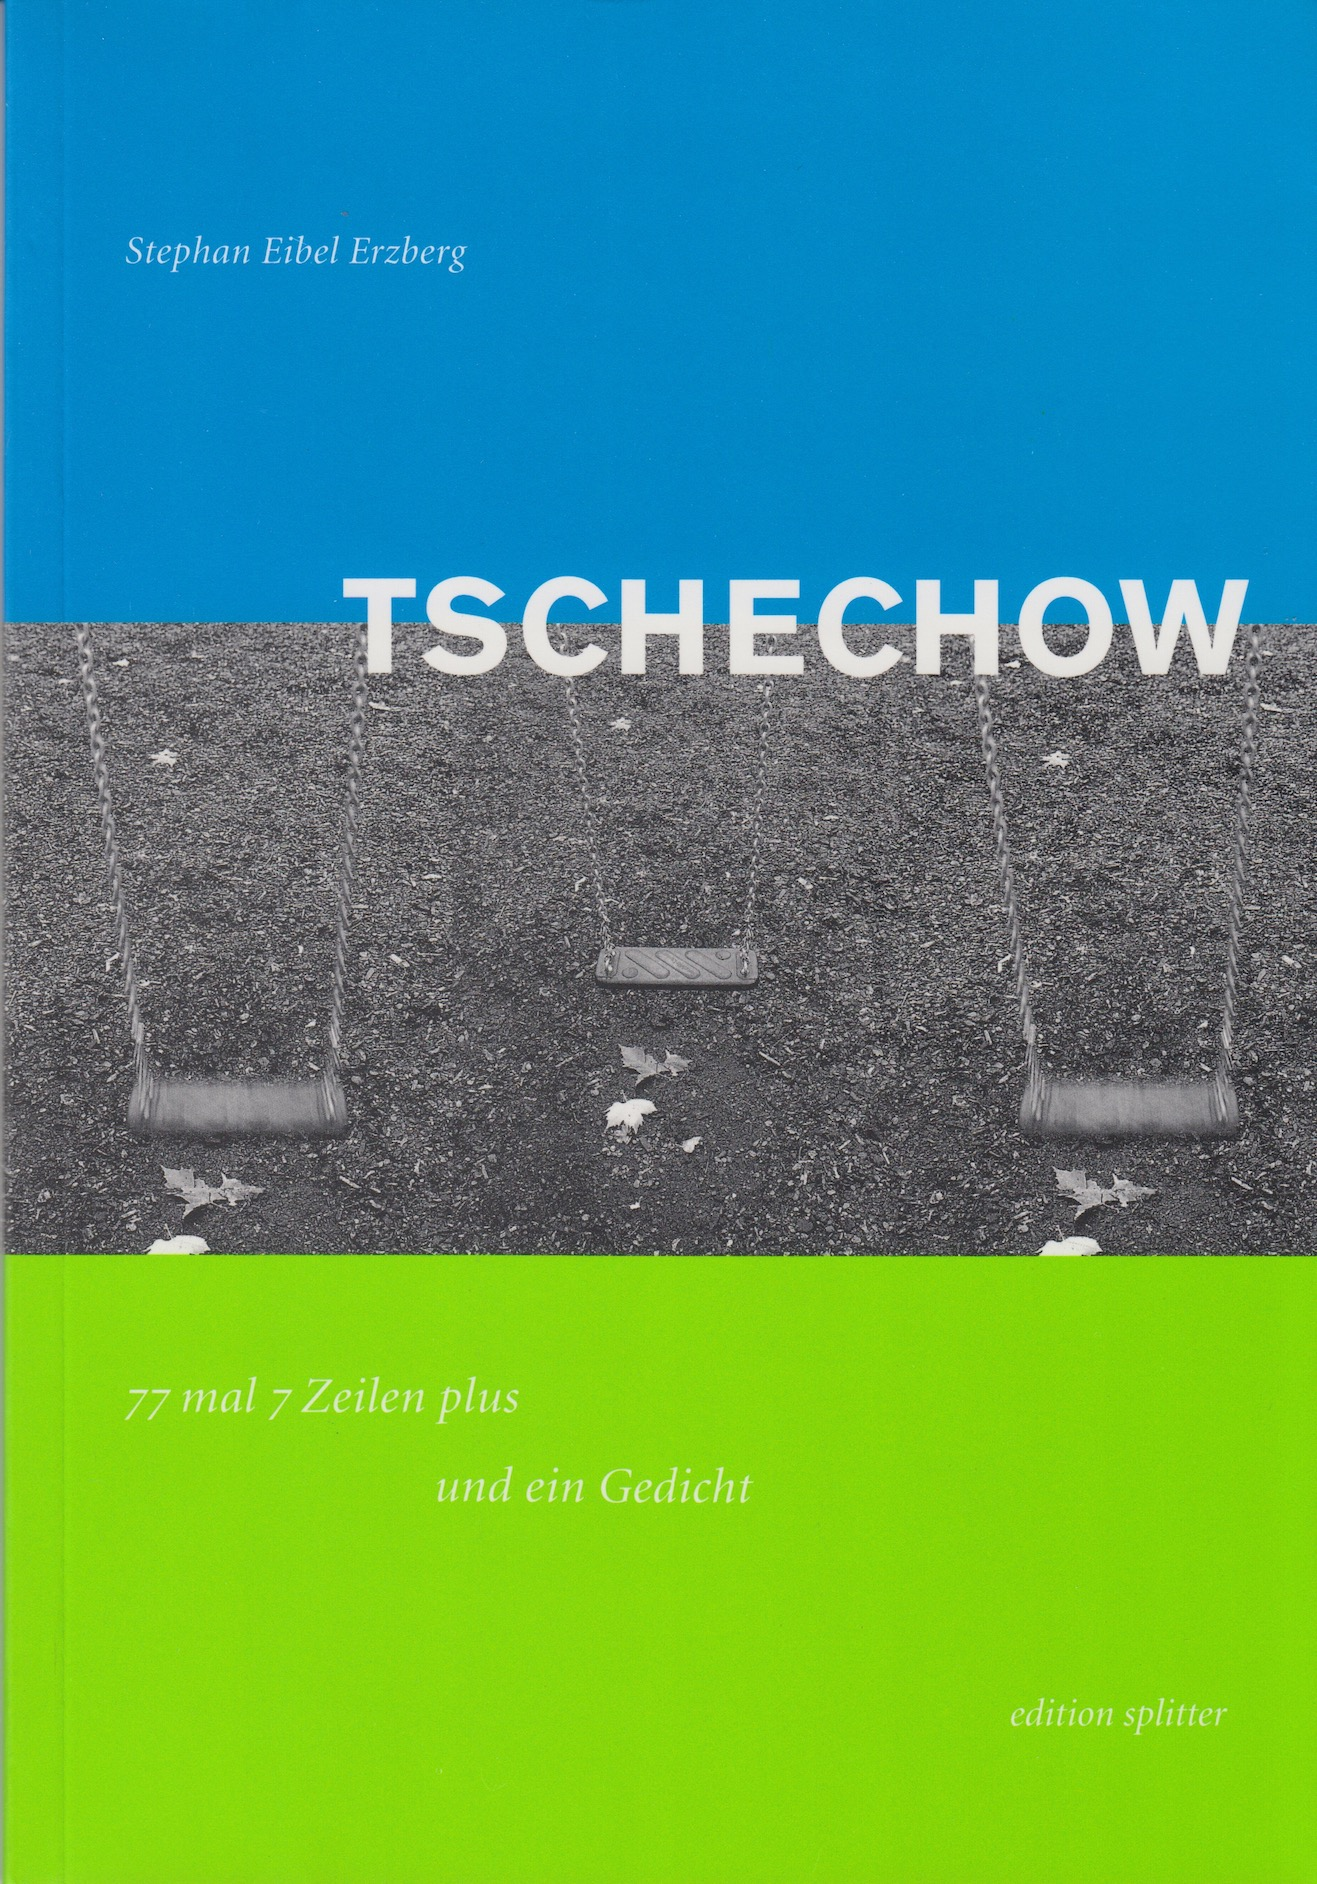 Tschechow Stephan Eibel-Erzberg